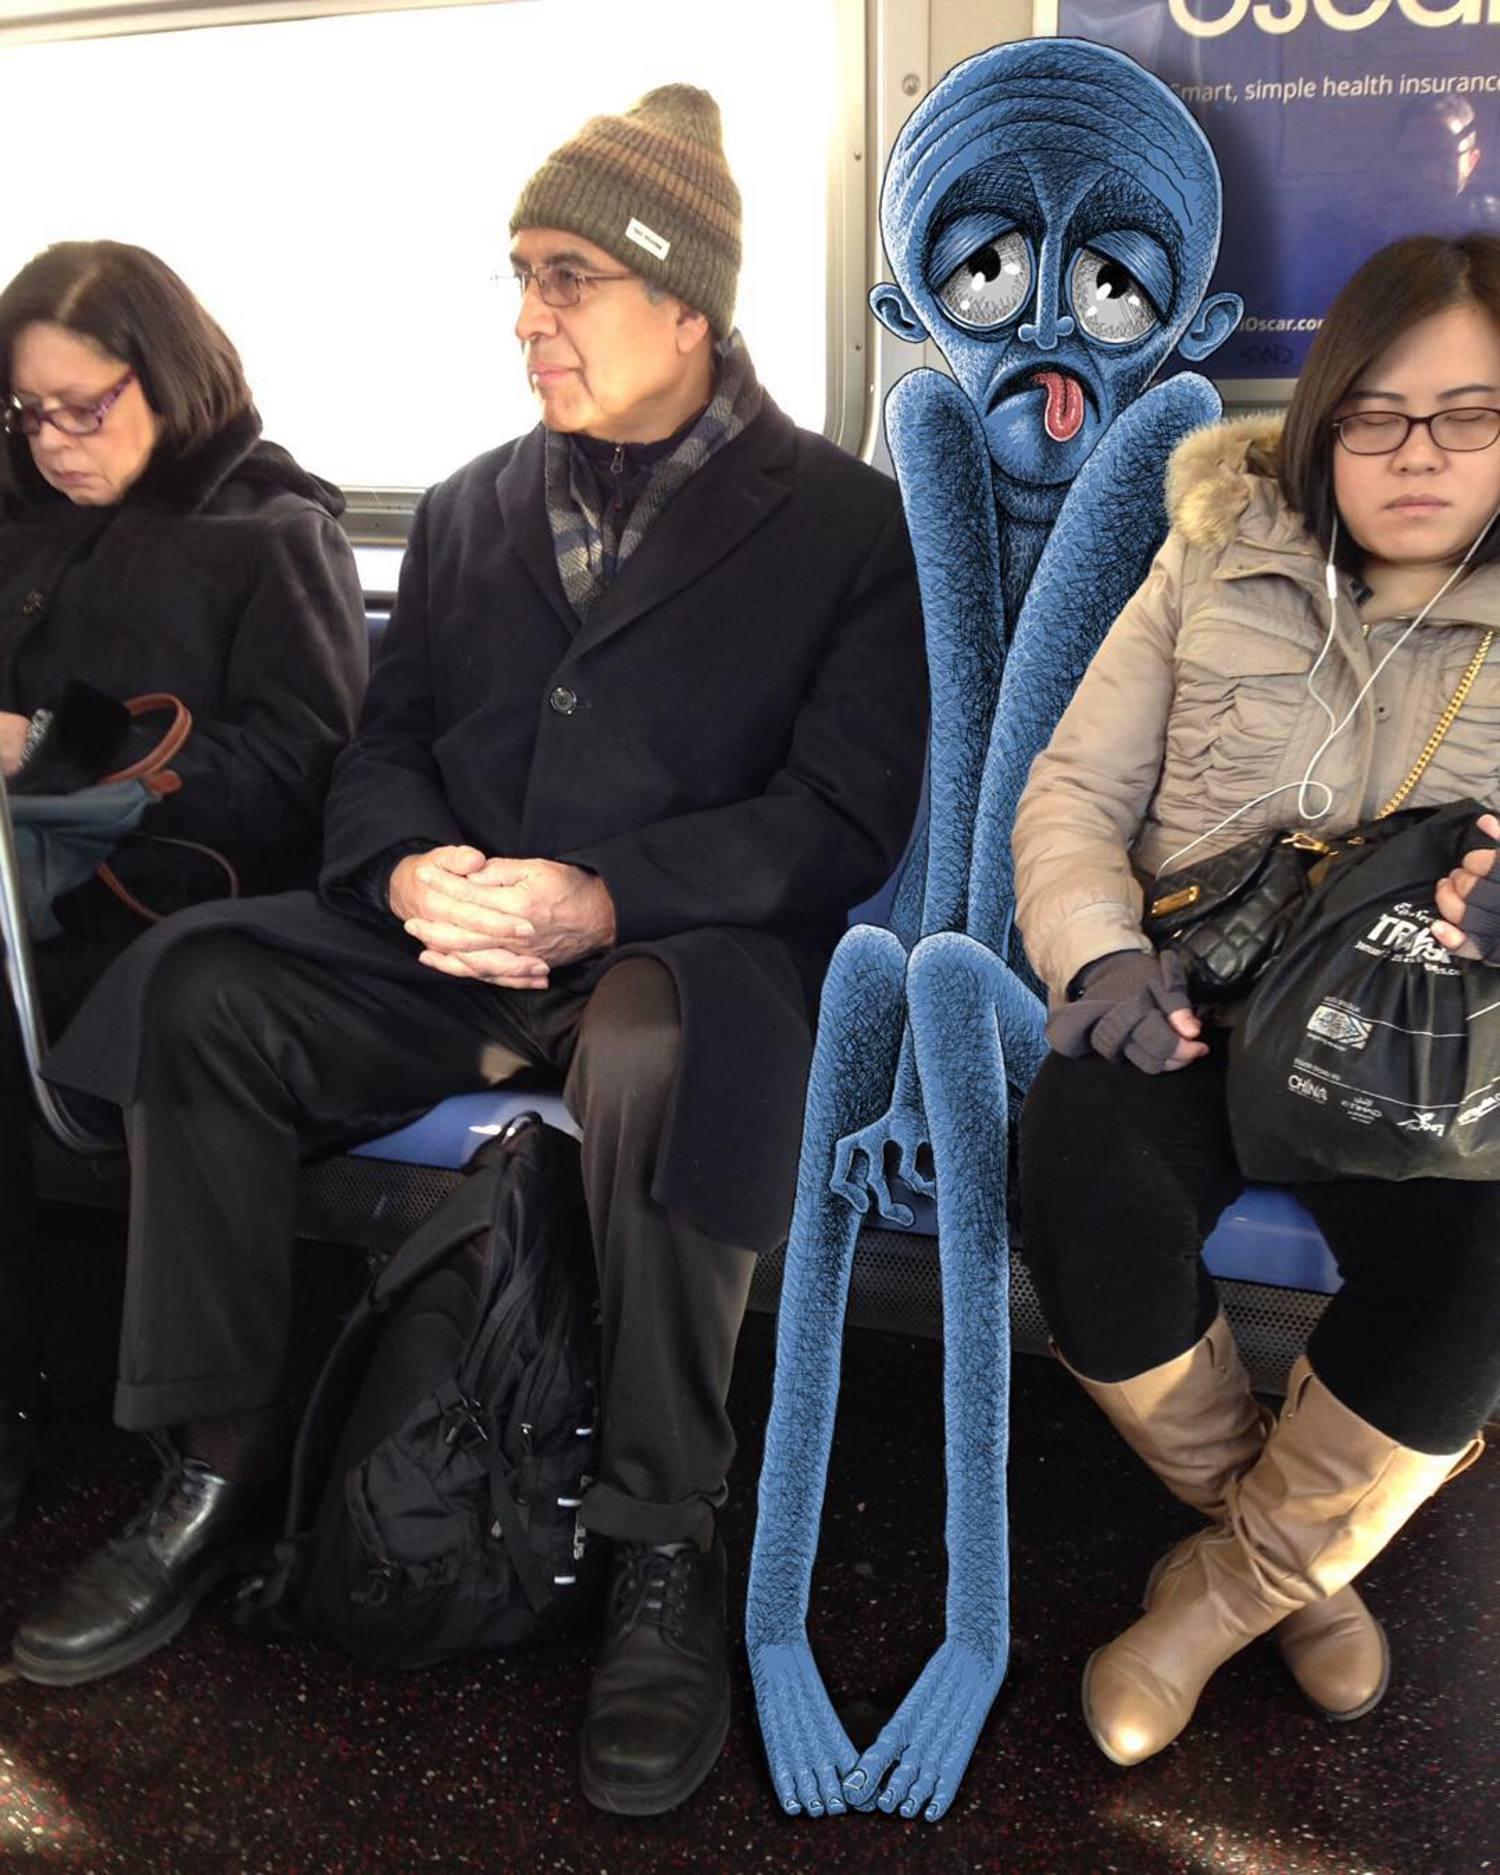 #subwaydoodle #subway #doodle #swd #mondays #manspreading #mondaymanspread #etiquette #squished #squooshed